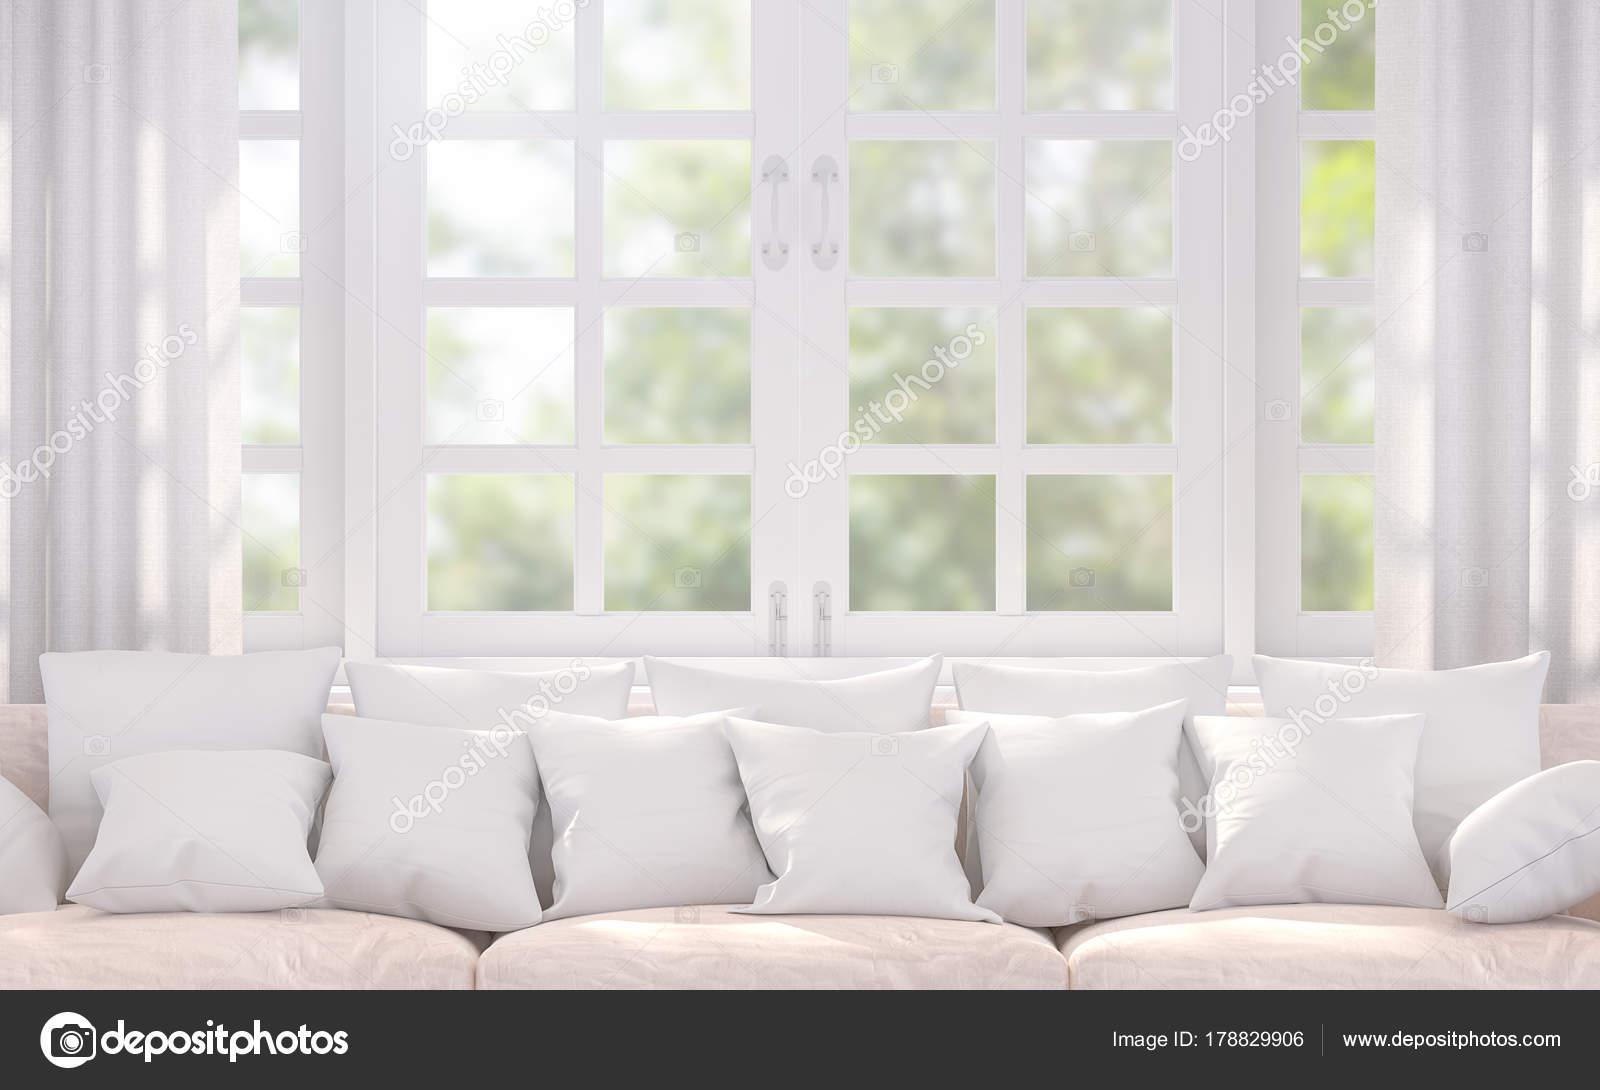 Moderne Weiße Wohnzimmer Rendering Bild Dekoriert Mit Beige Sofa ...